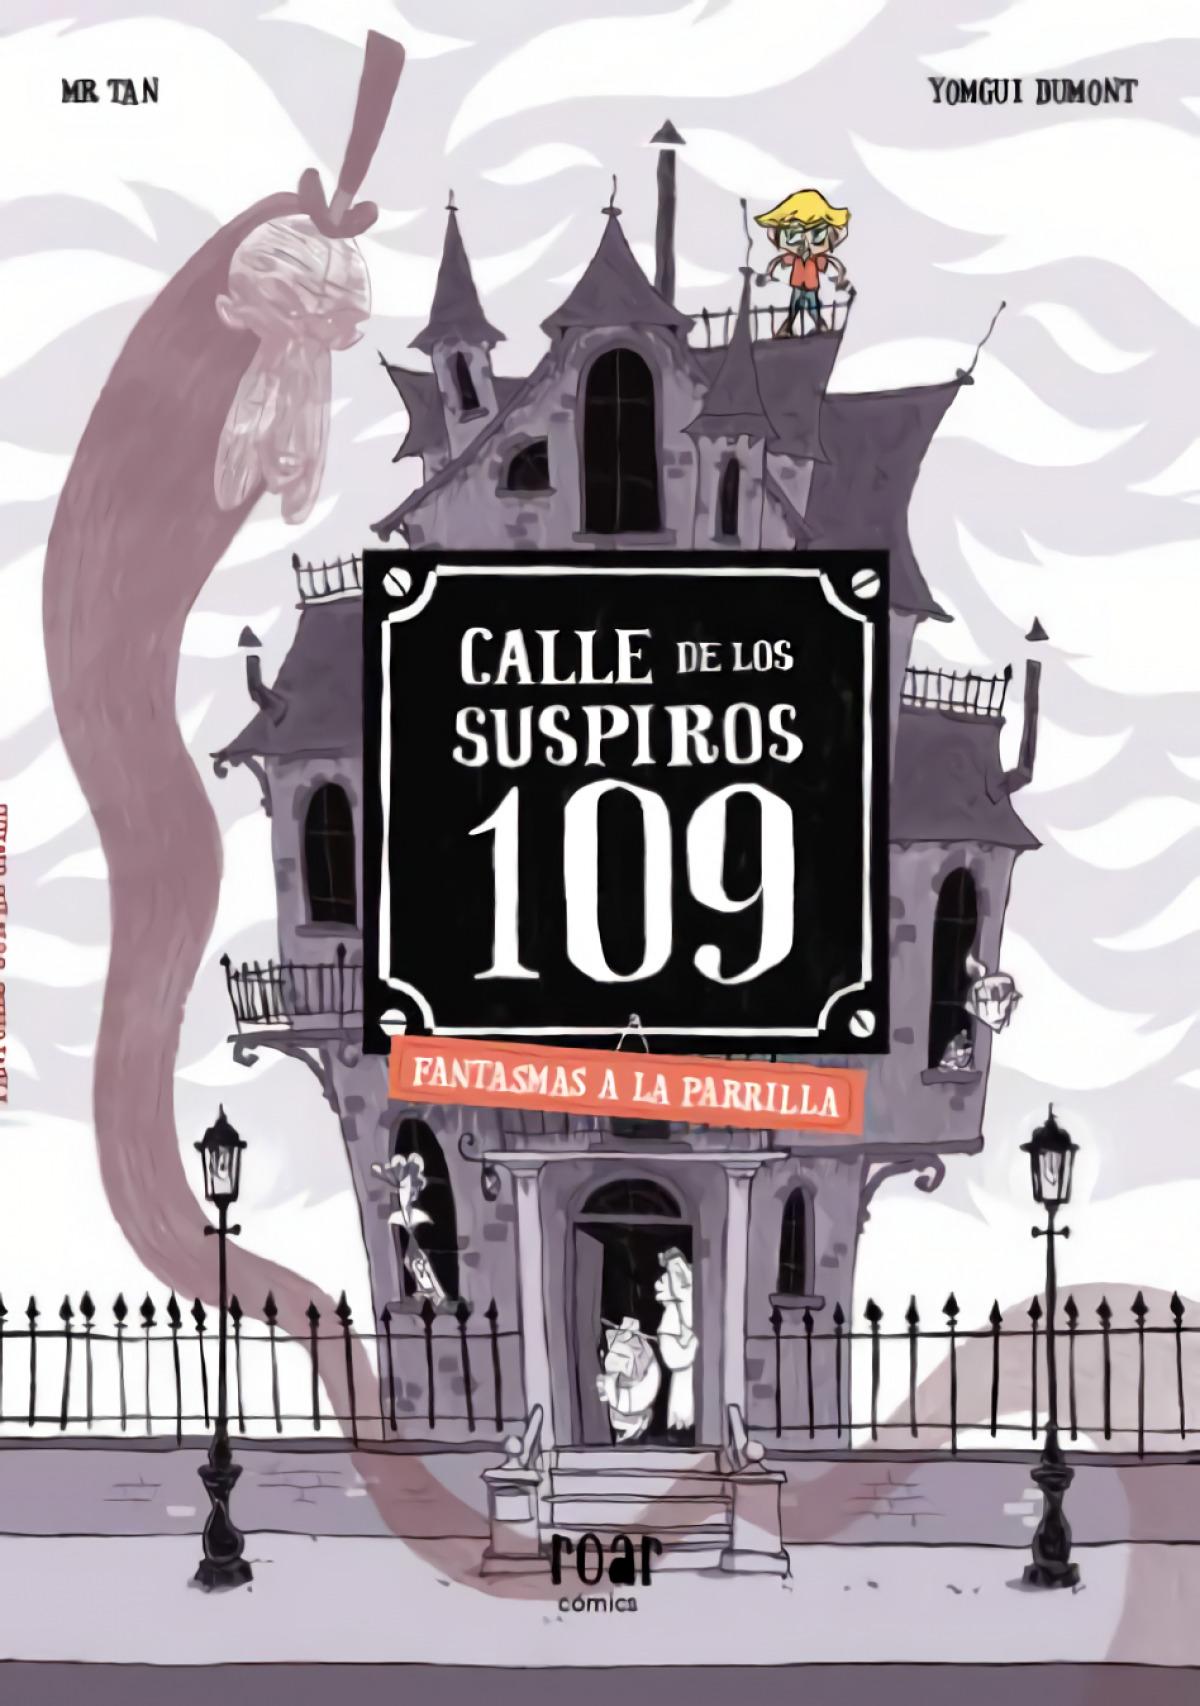 Calle de los suspiros 109. Fantasmas a la parrilla